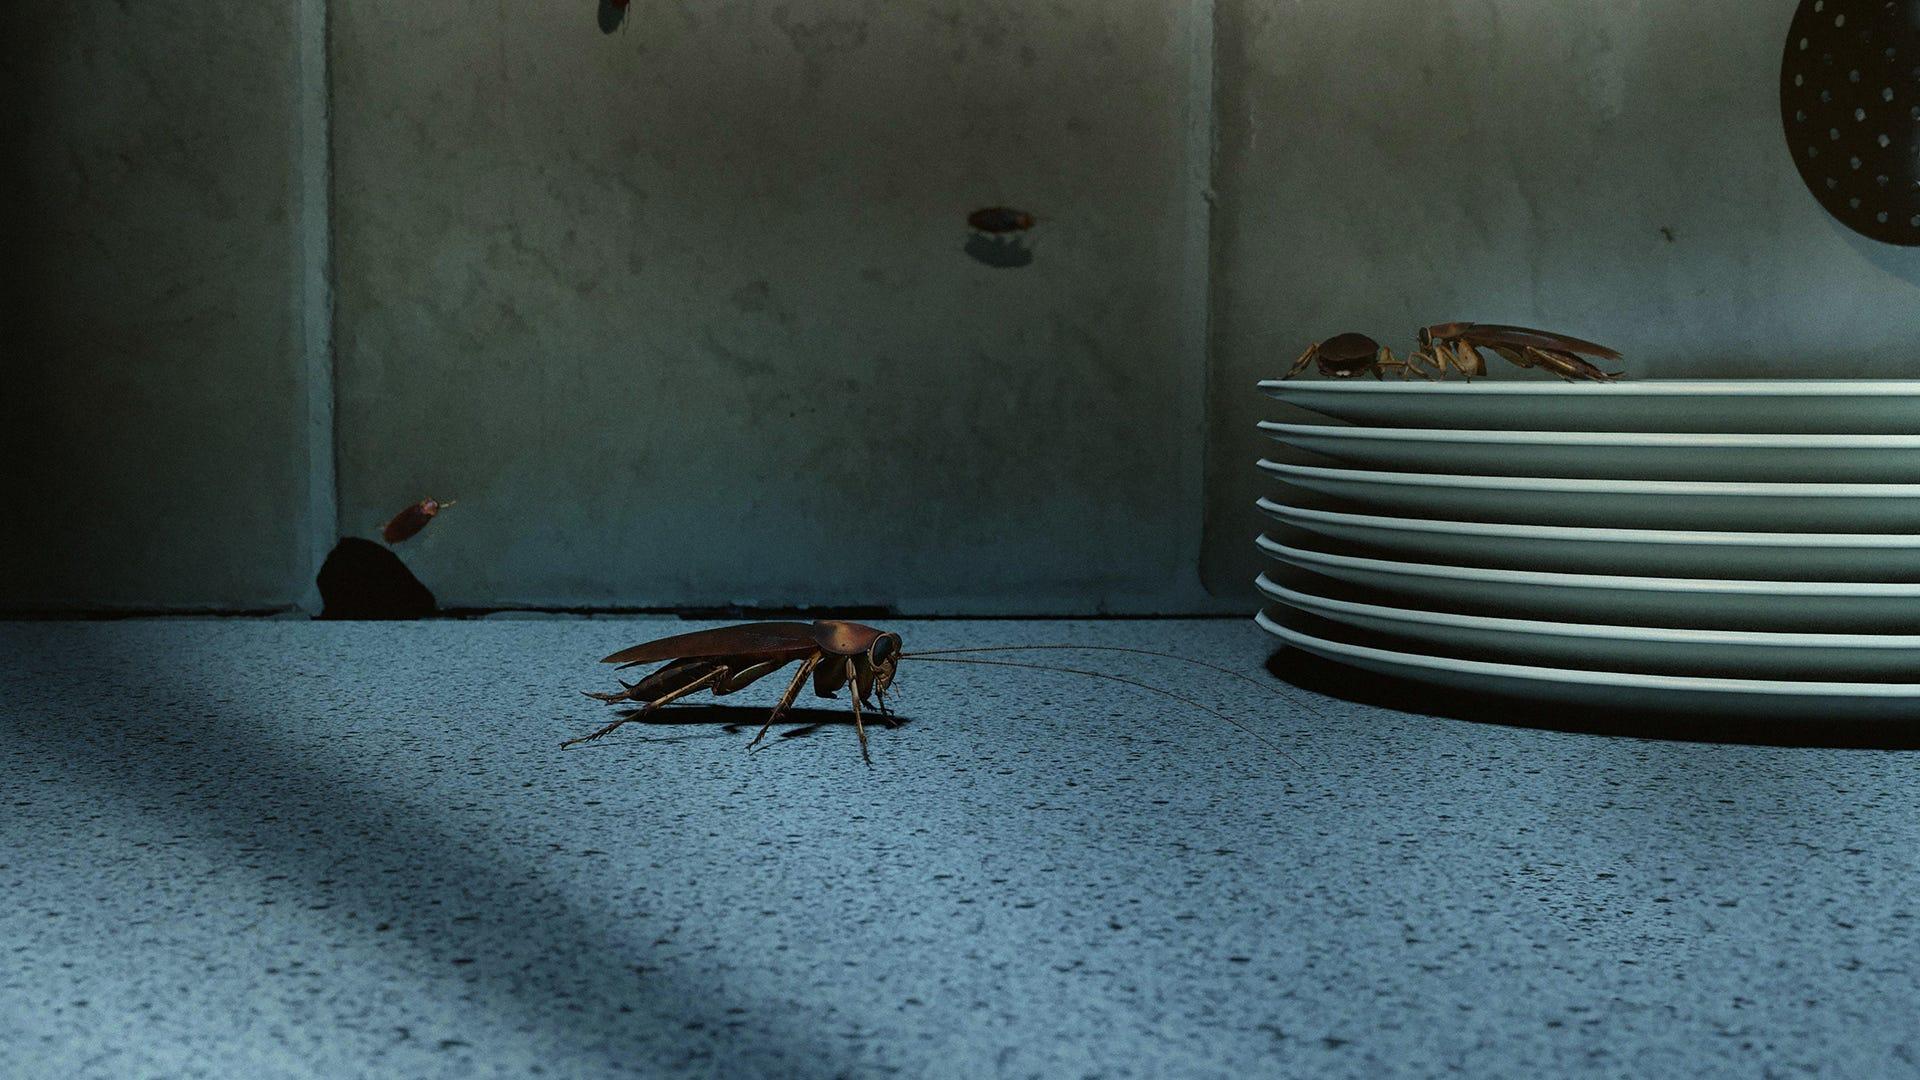 bug on counter